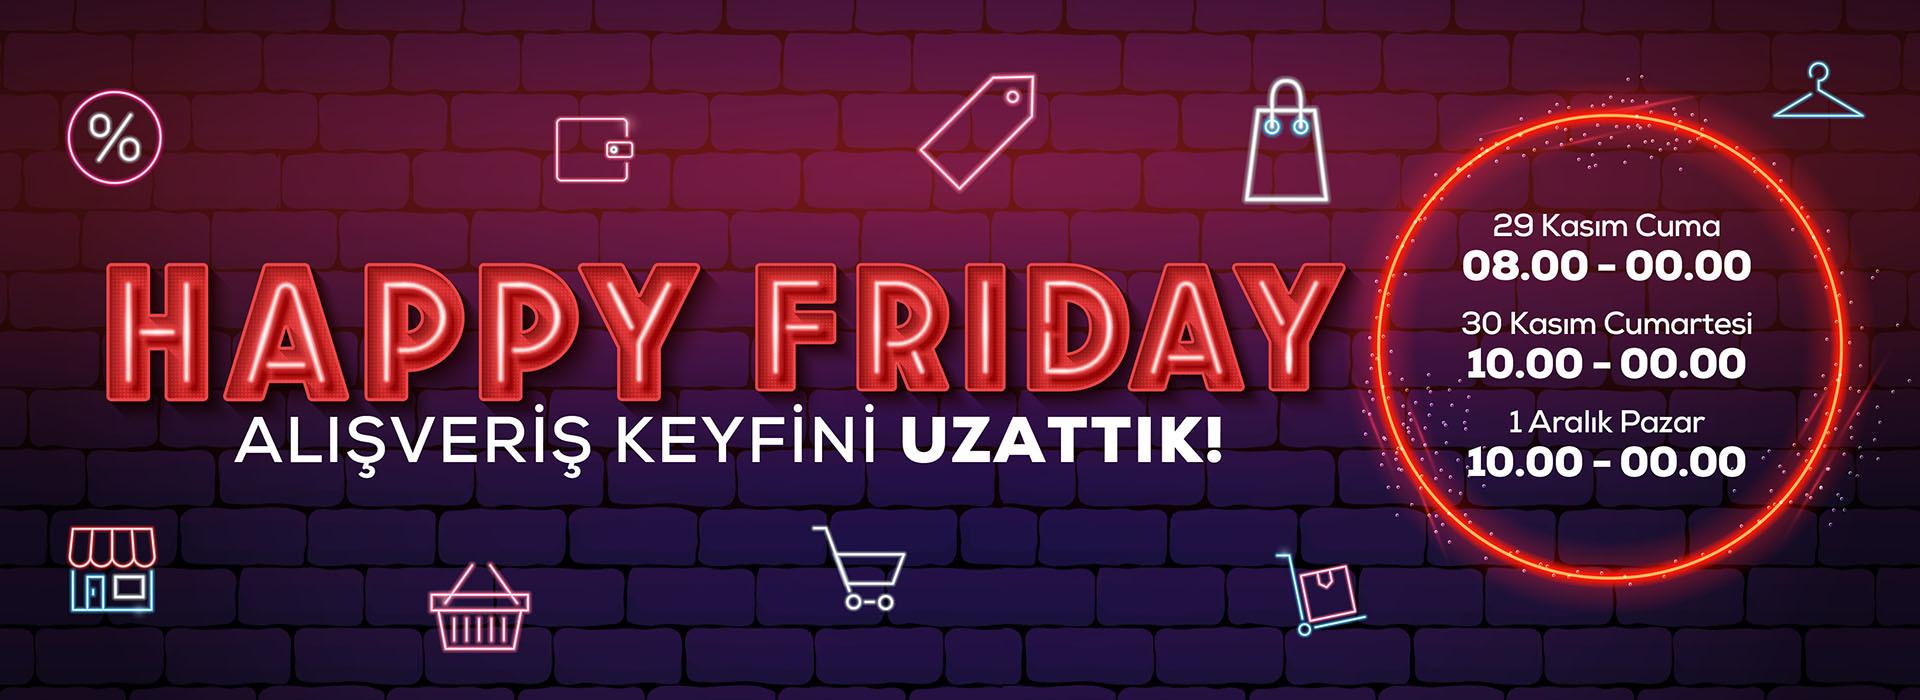 Happy Friday Alışveriş Keyfini Uzattık